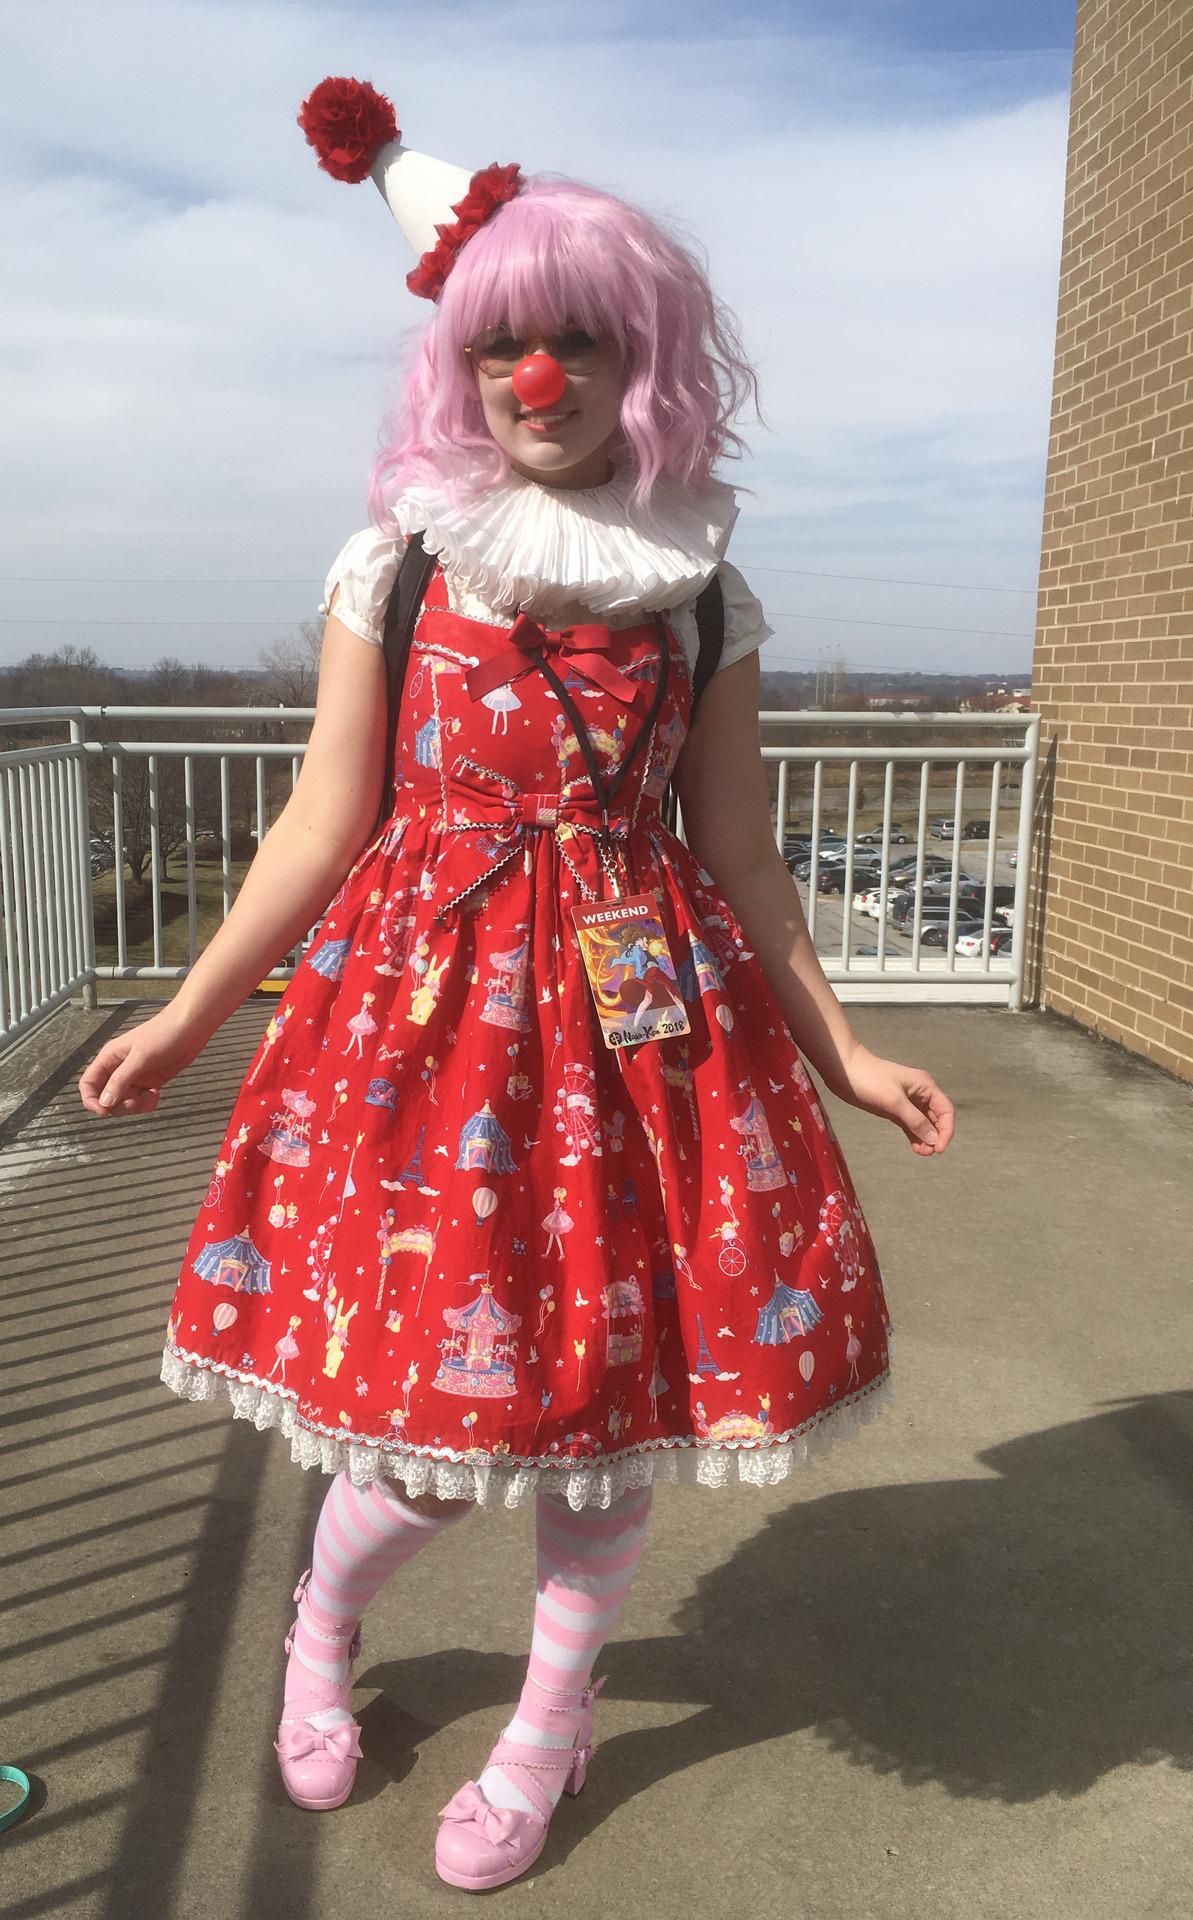 Magical Etoile Tumblr Posts - Tumbral à Etoil Clown